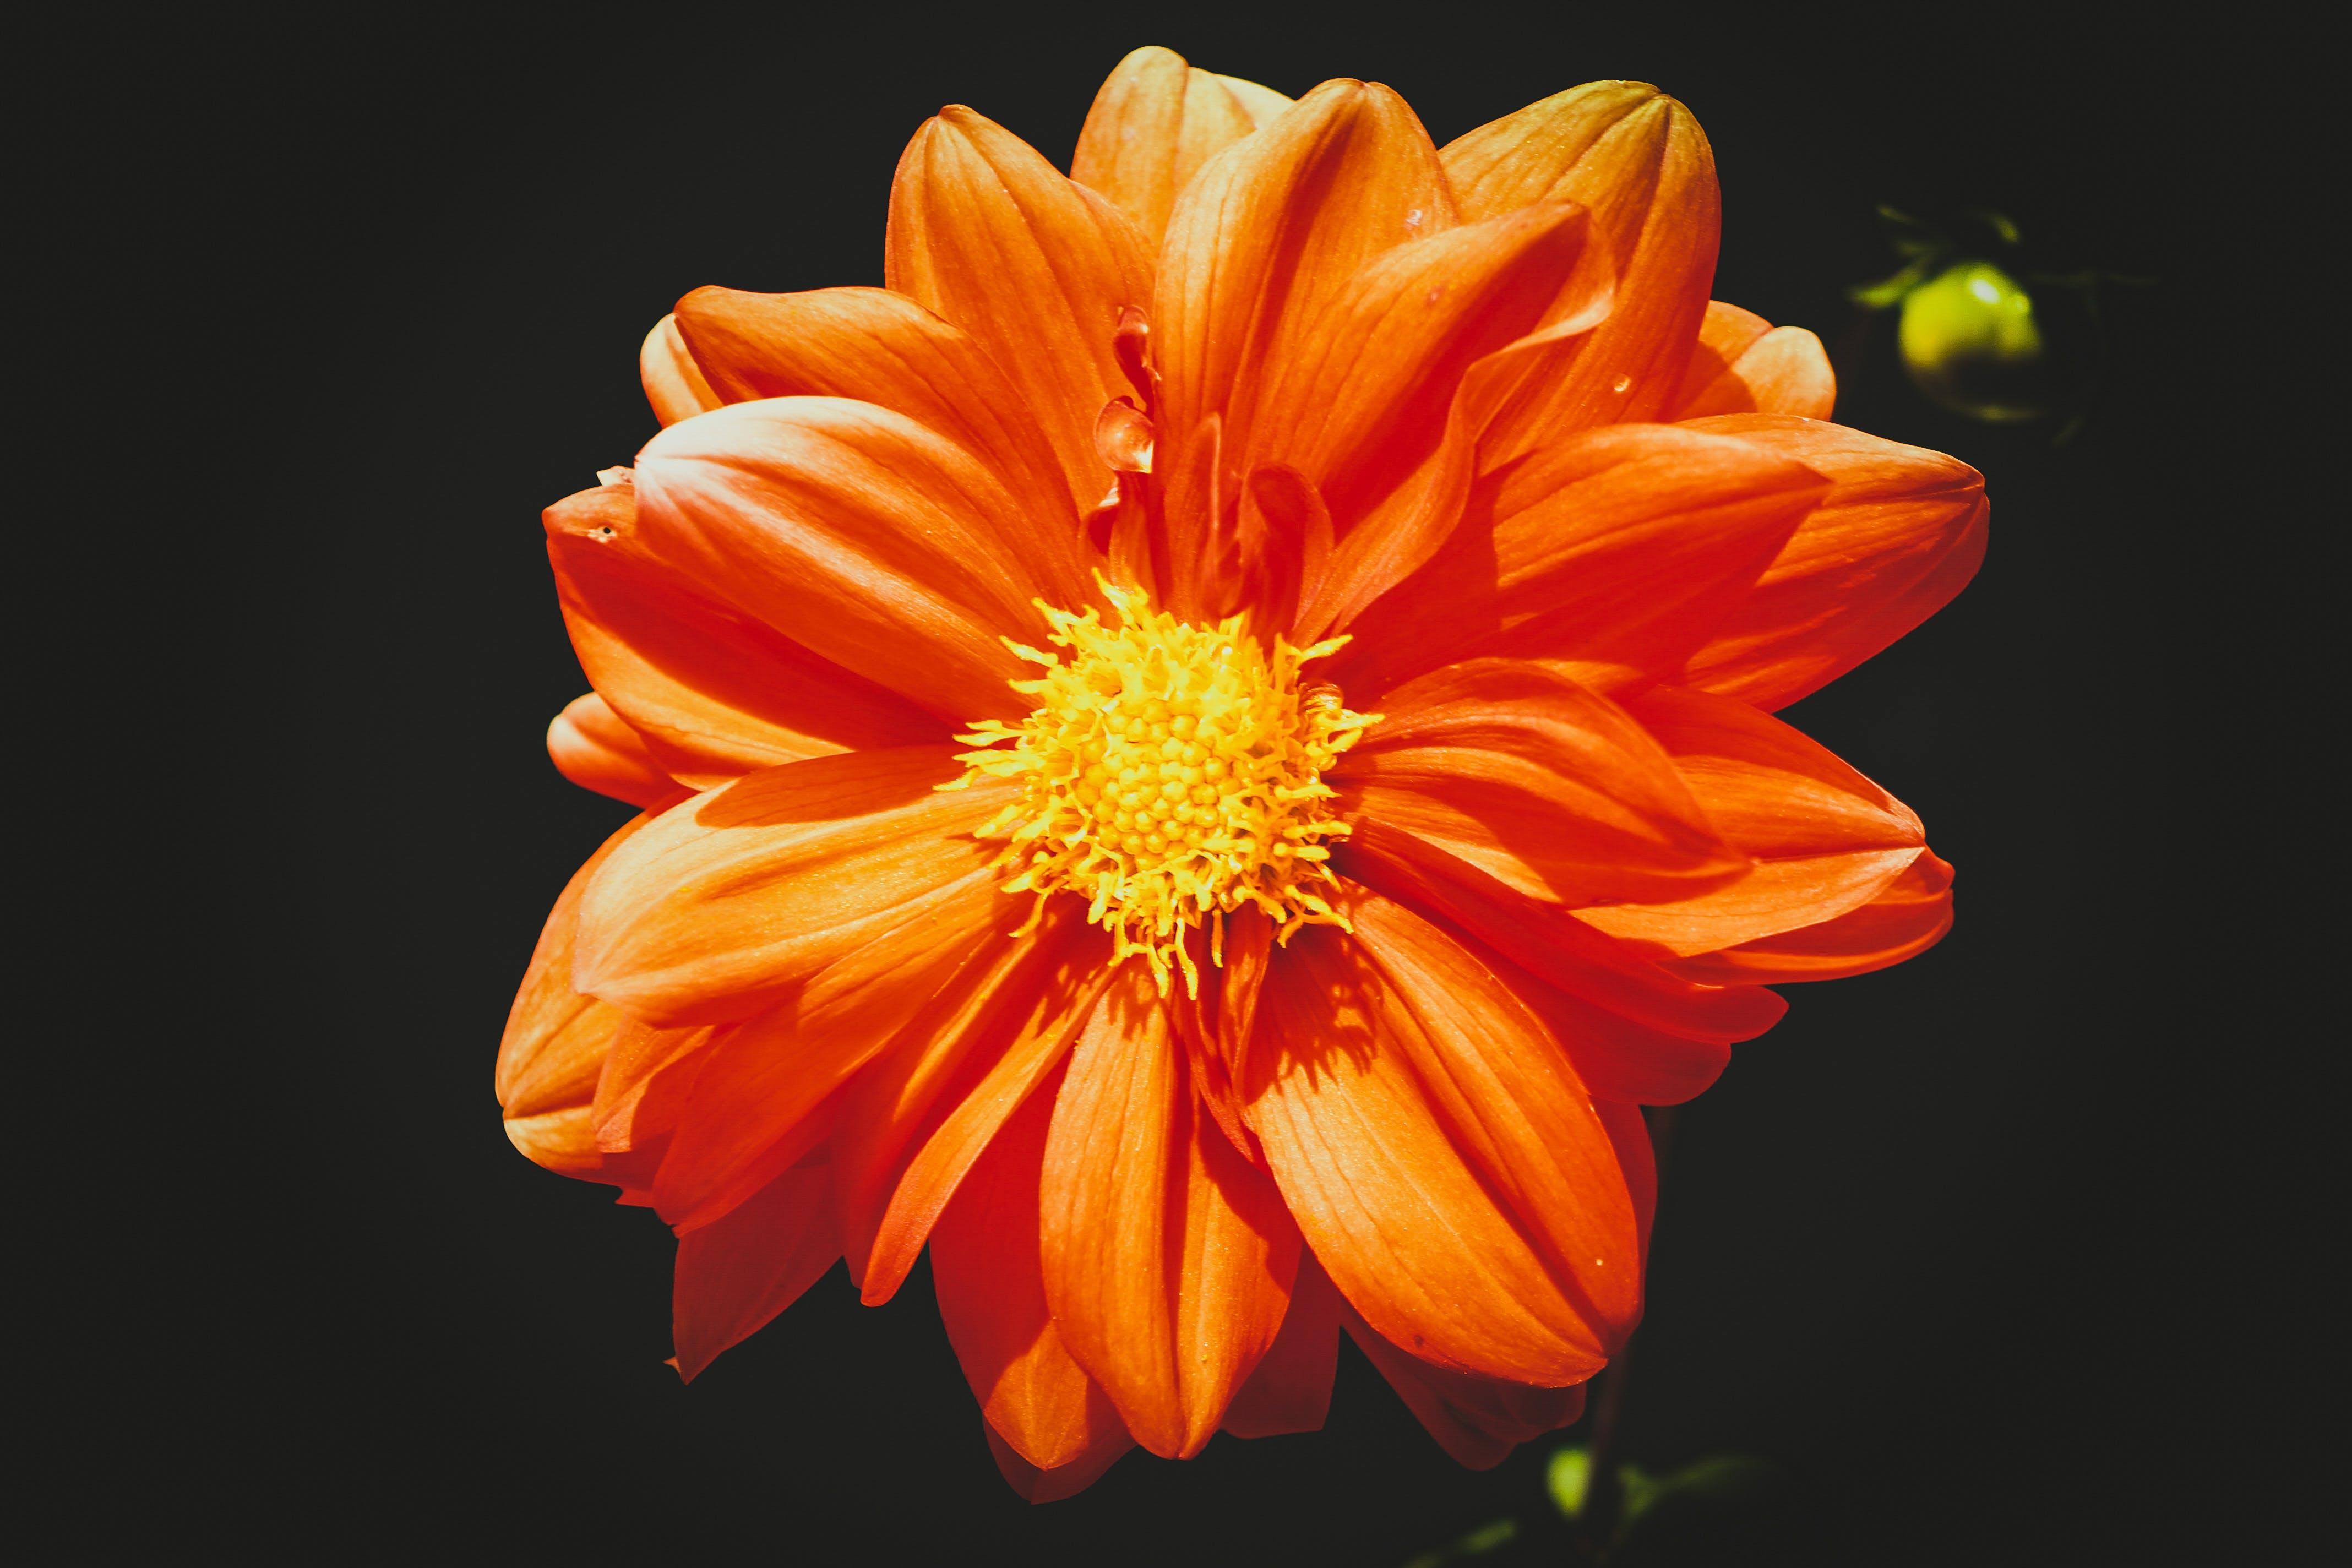 Gratis lagerfoto af appelsin, baggrund, blomst, blomstrende